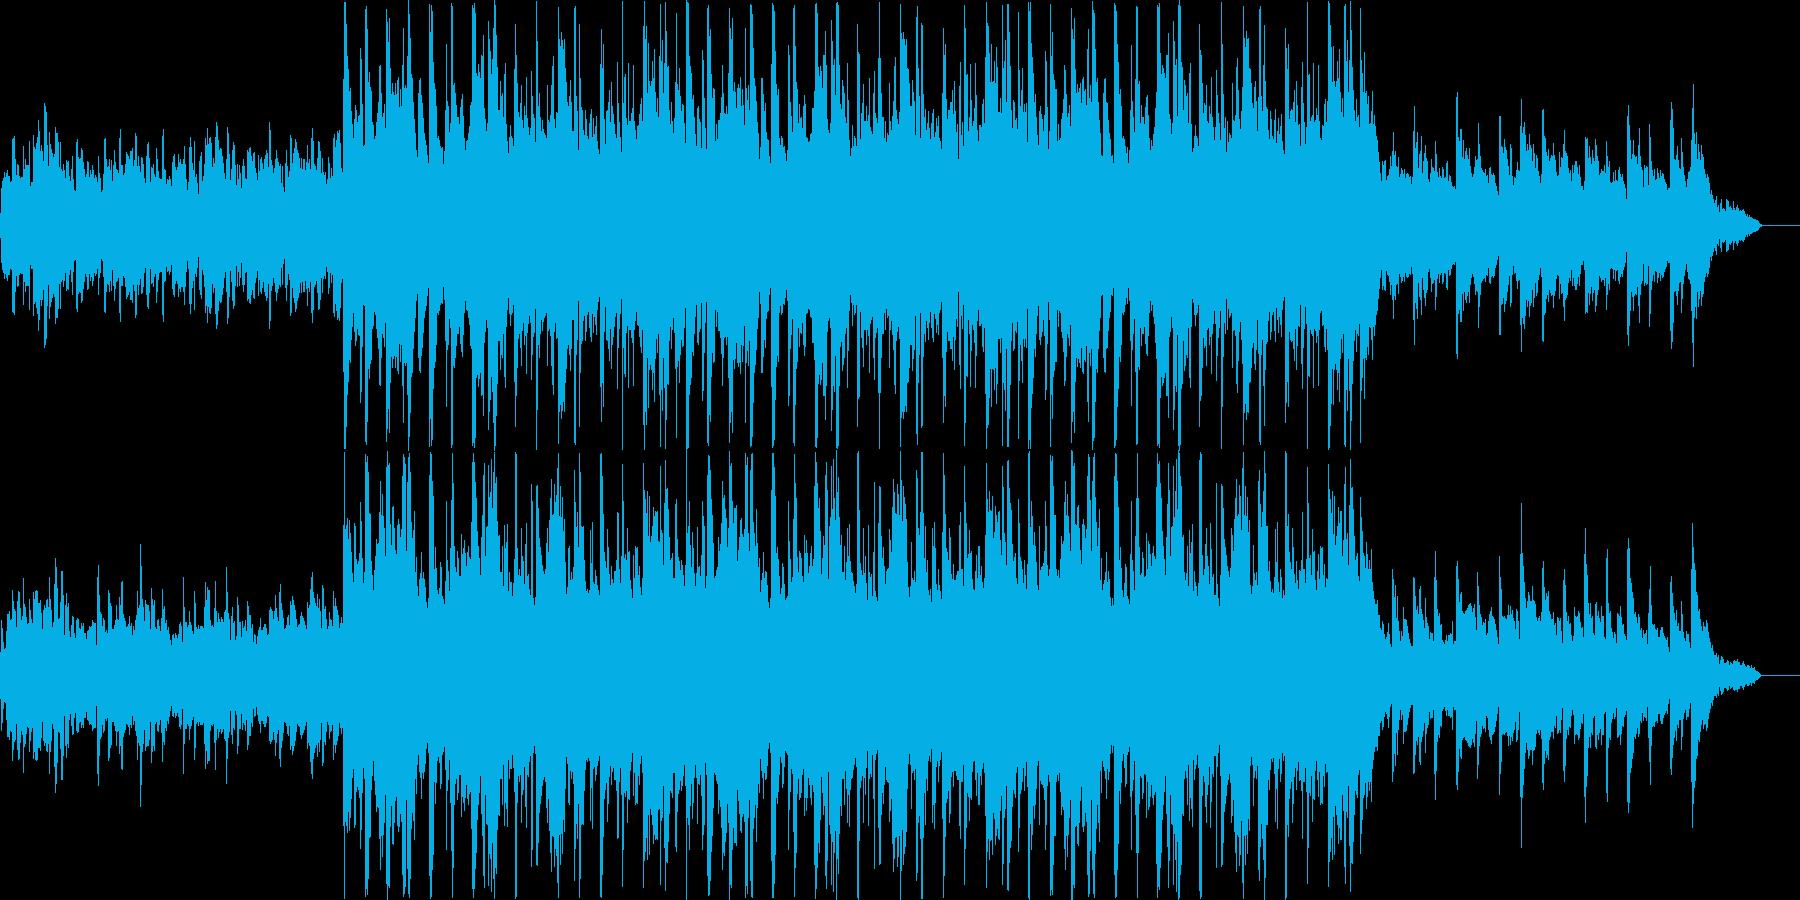 暖かいイメージのサウンドの再生済みの波形